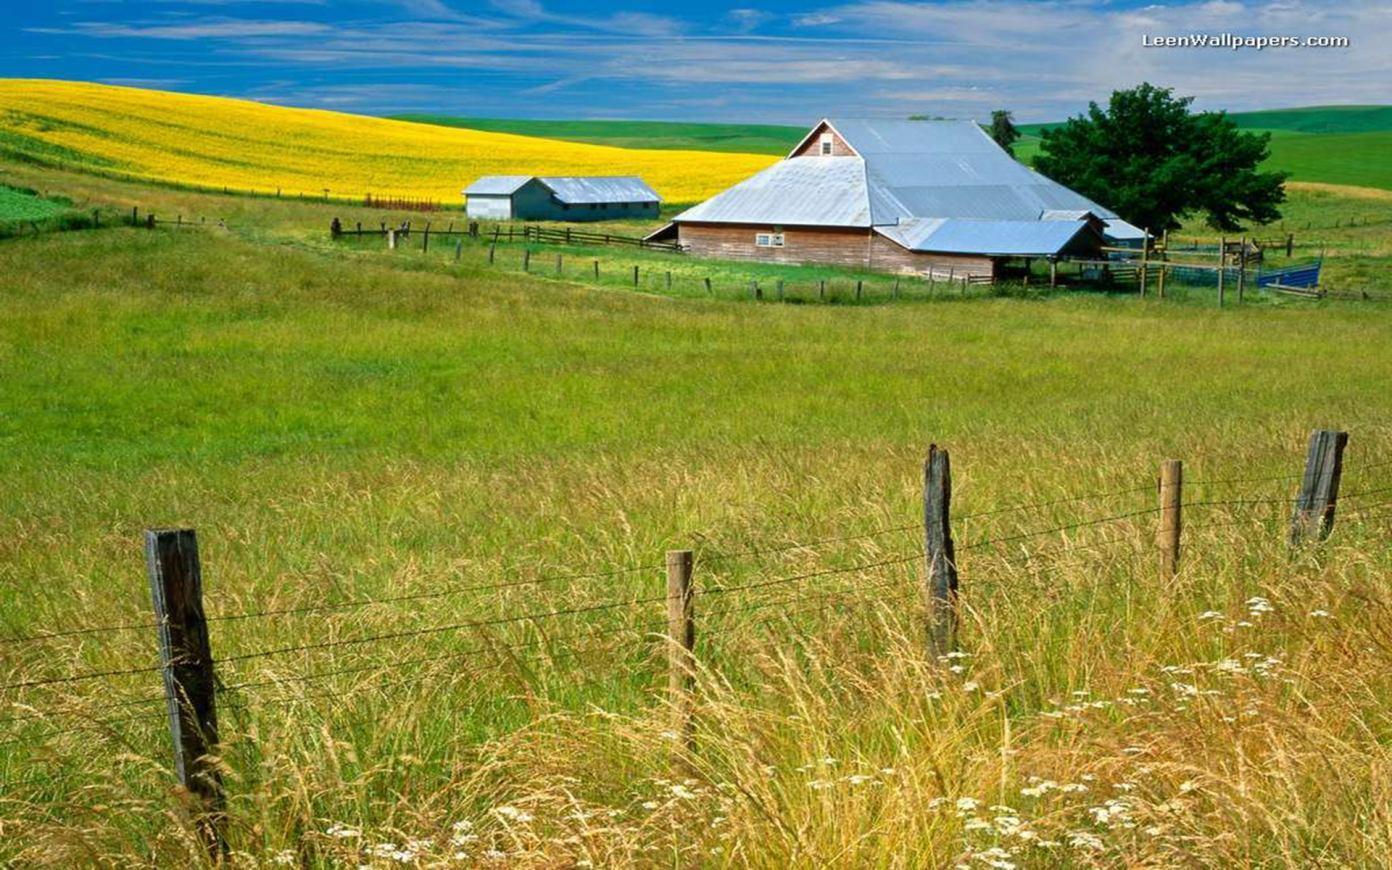 wallpaper farm hd wallpaper farm hd wallpaper farm hd wallpaper 1392x870